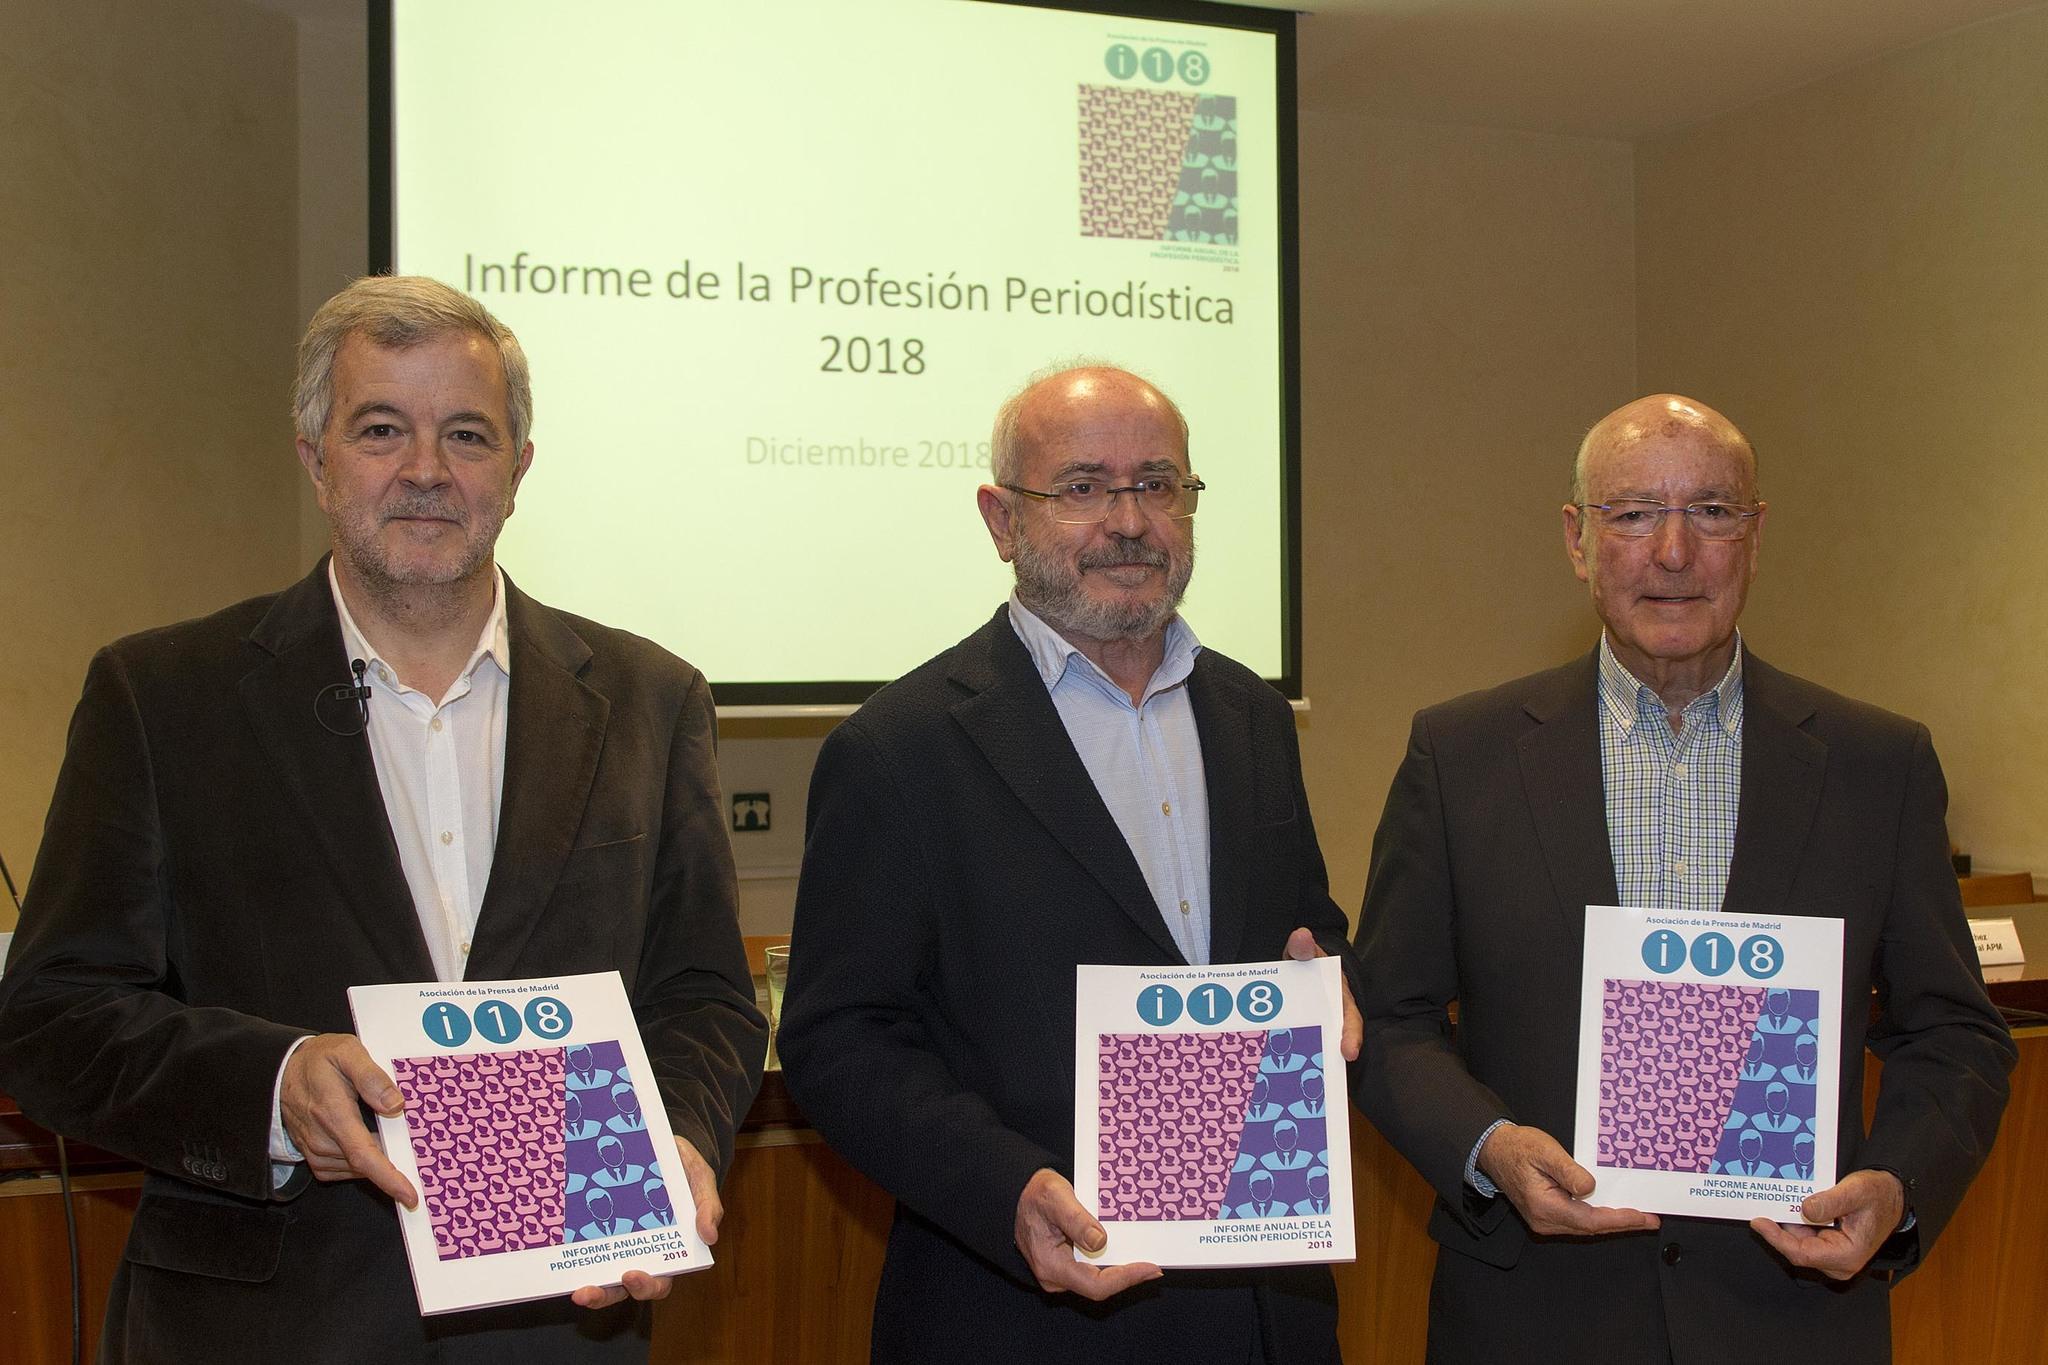 De izquierda a derecha, Luis Palacio, Alfonso Sánchez y David Corral.